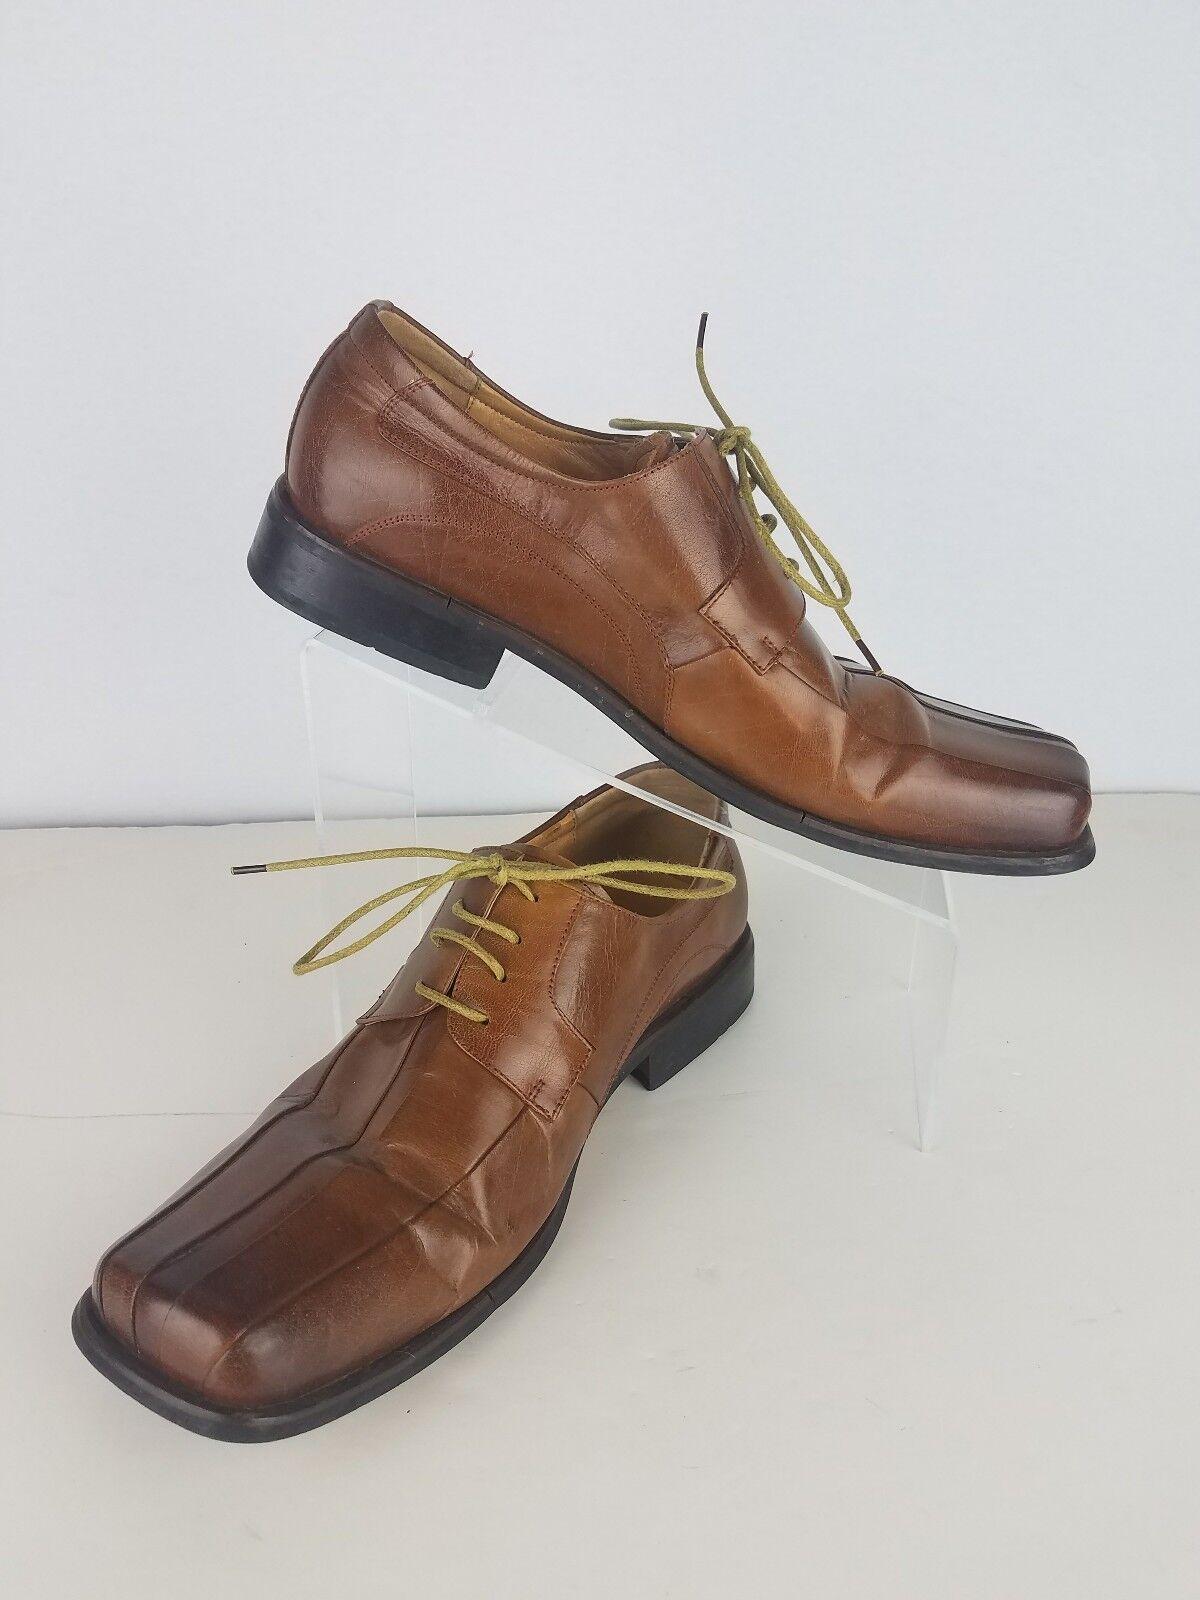 Men's Zota Italian Leather Square Toe shoes US Size 10